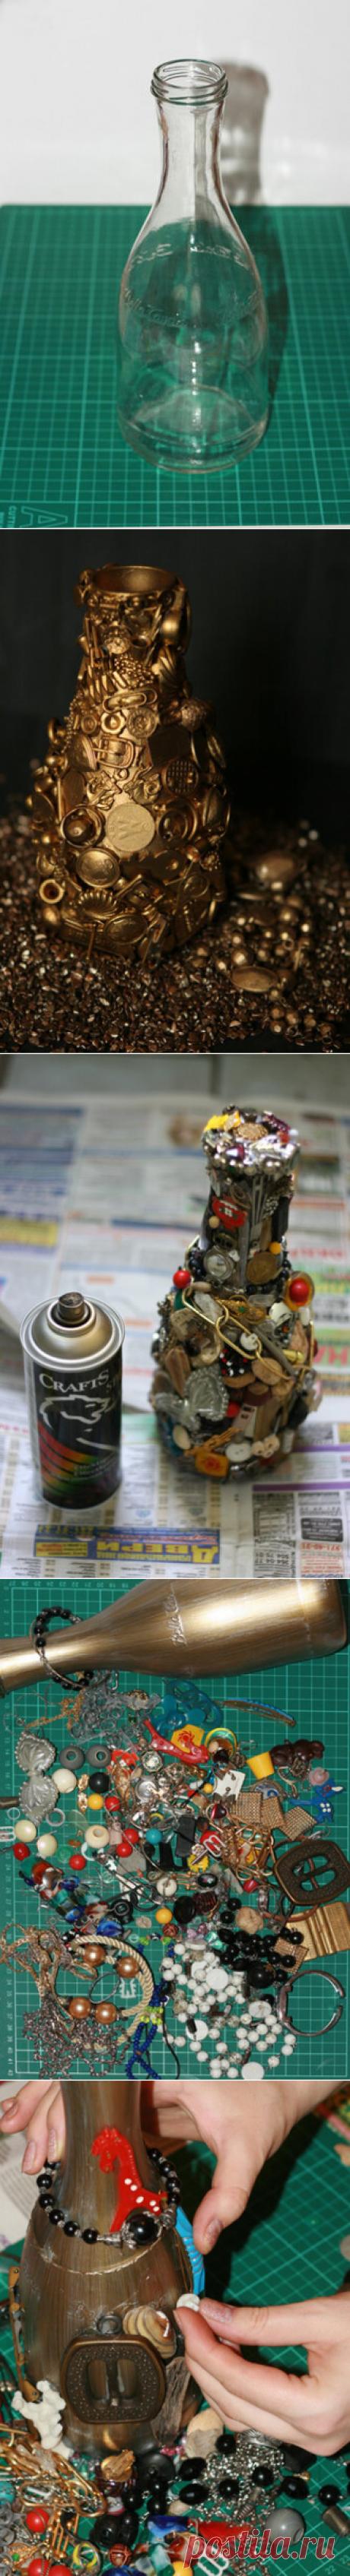 «Магнит времени» или как красиво избавиться от накопившейся мелочёвки — Сделай сам, идеи для творчества - DIY Ideas